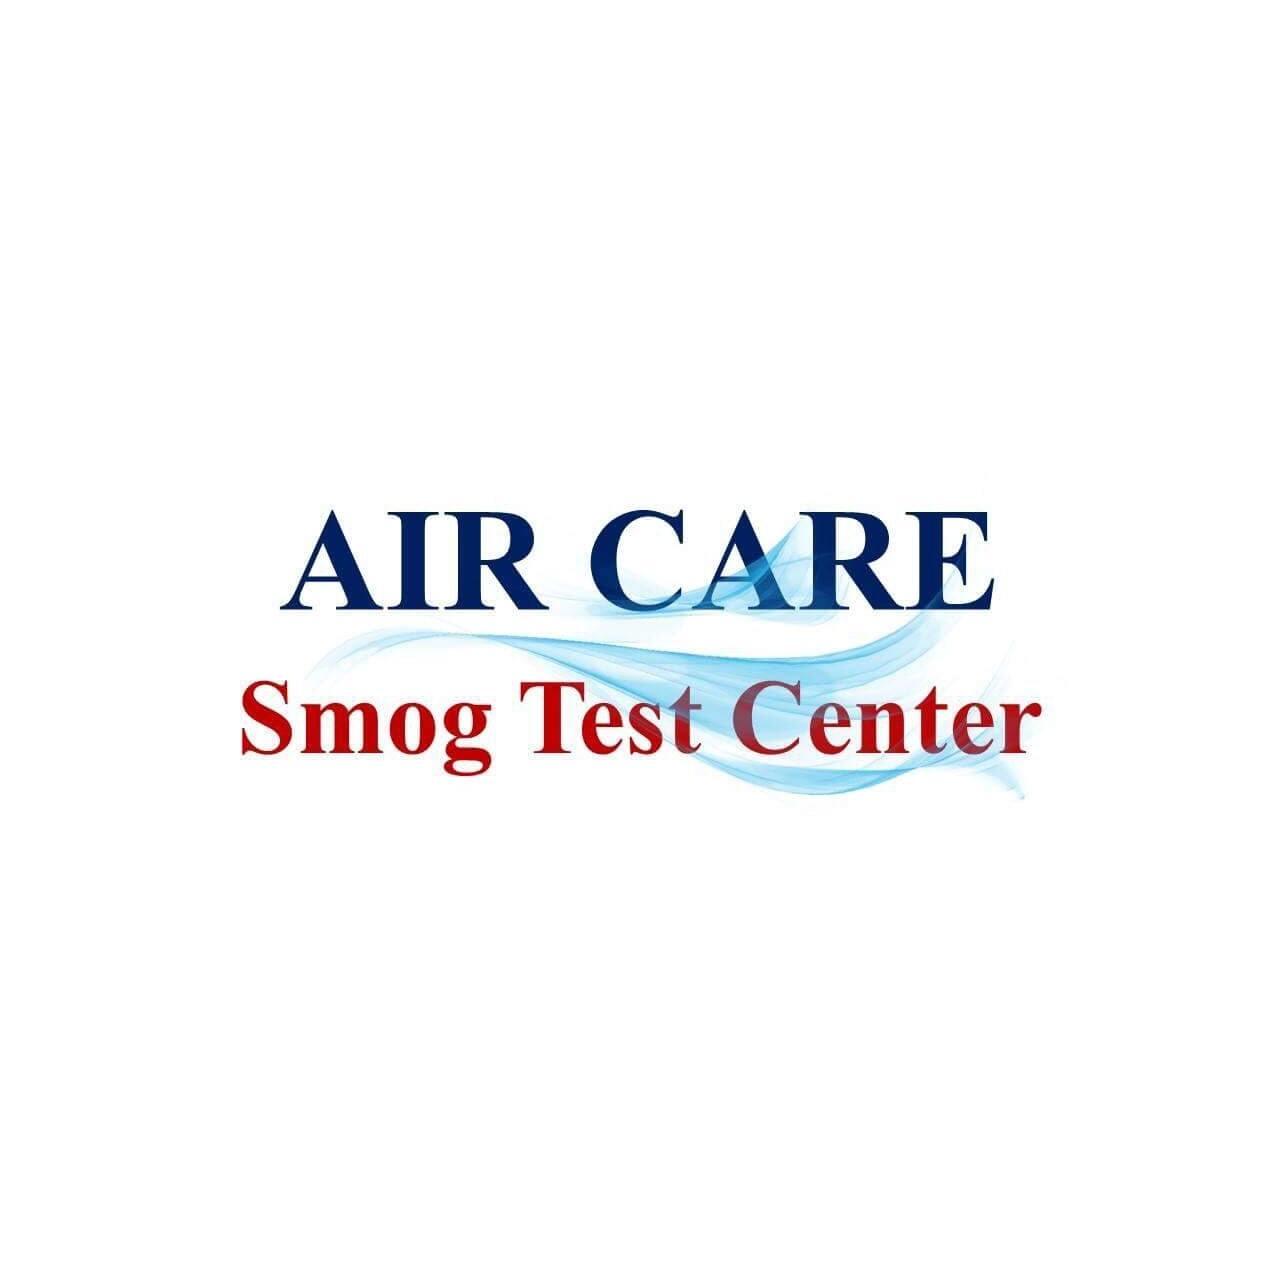 Air Care Smog Test and Repair - Redwood City, CA - General Auto Repair & Service